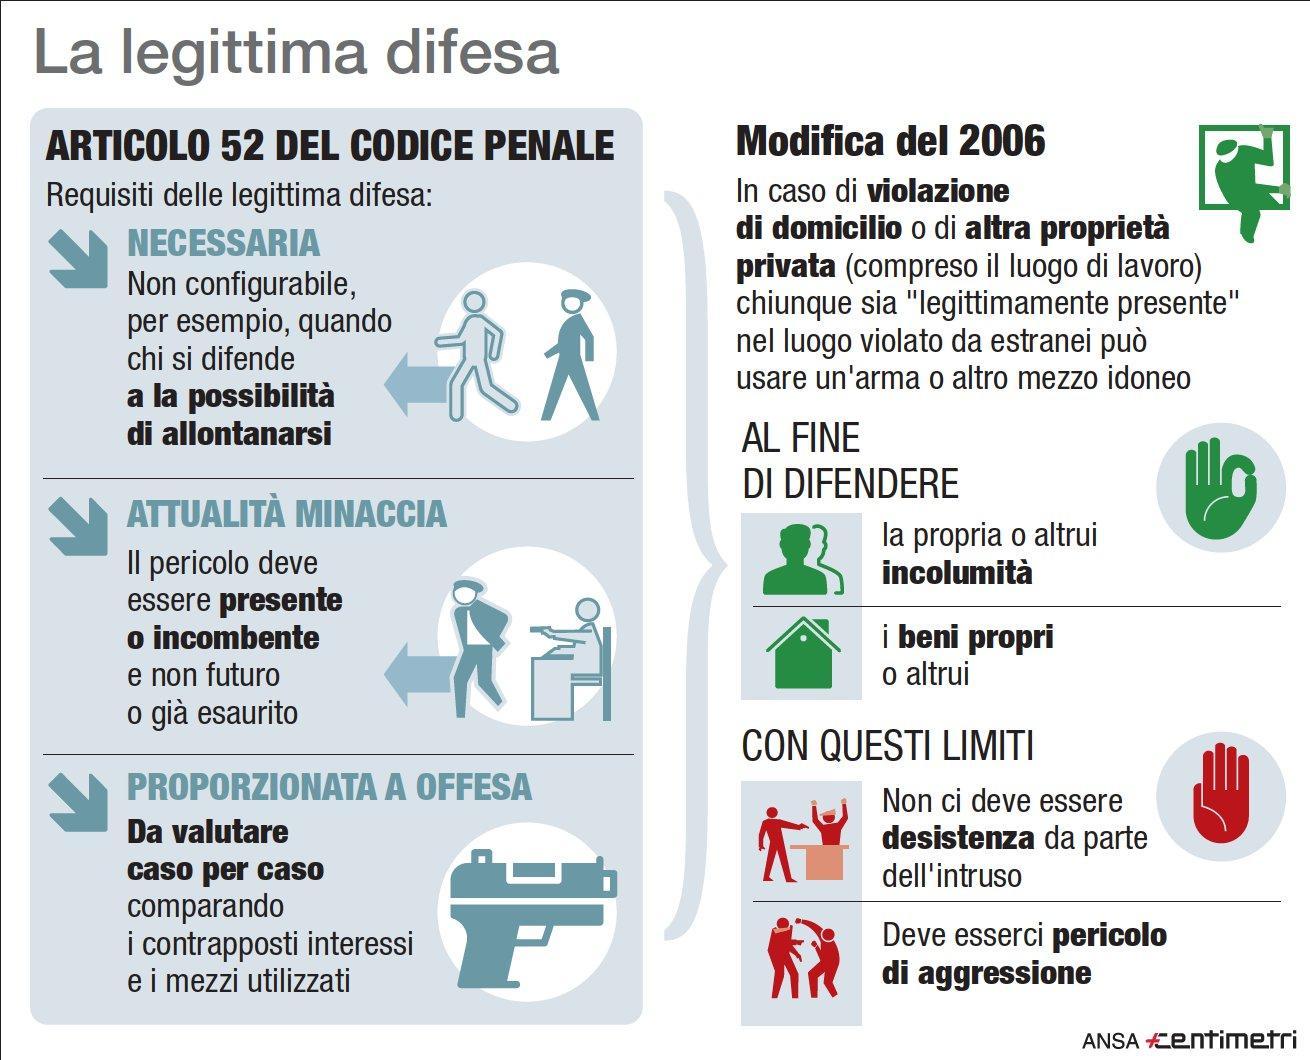 Legittima difesa, Salvini contro Anm